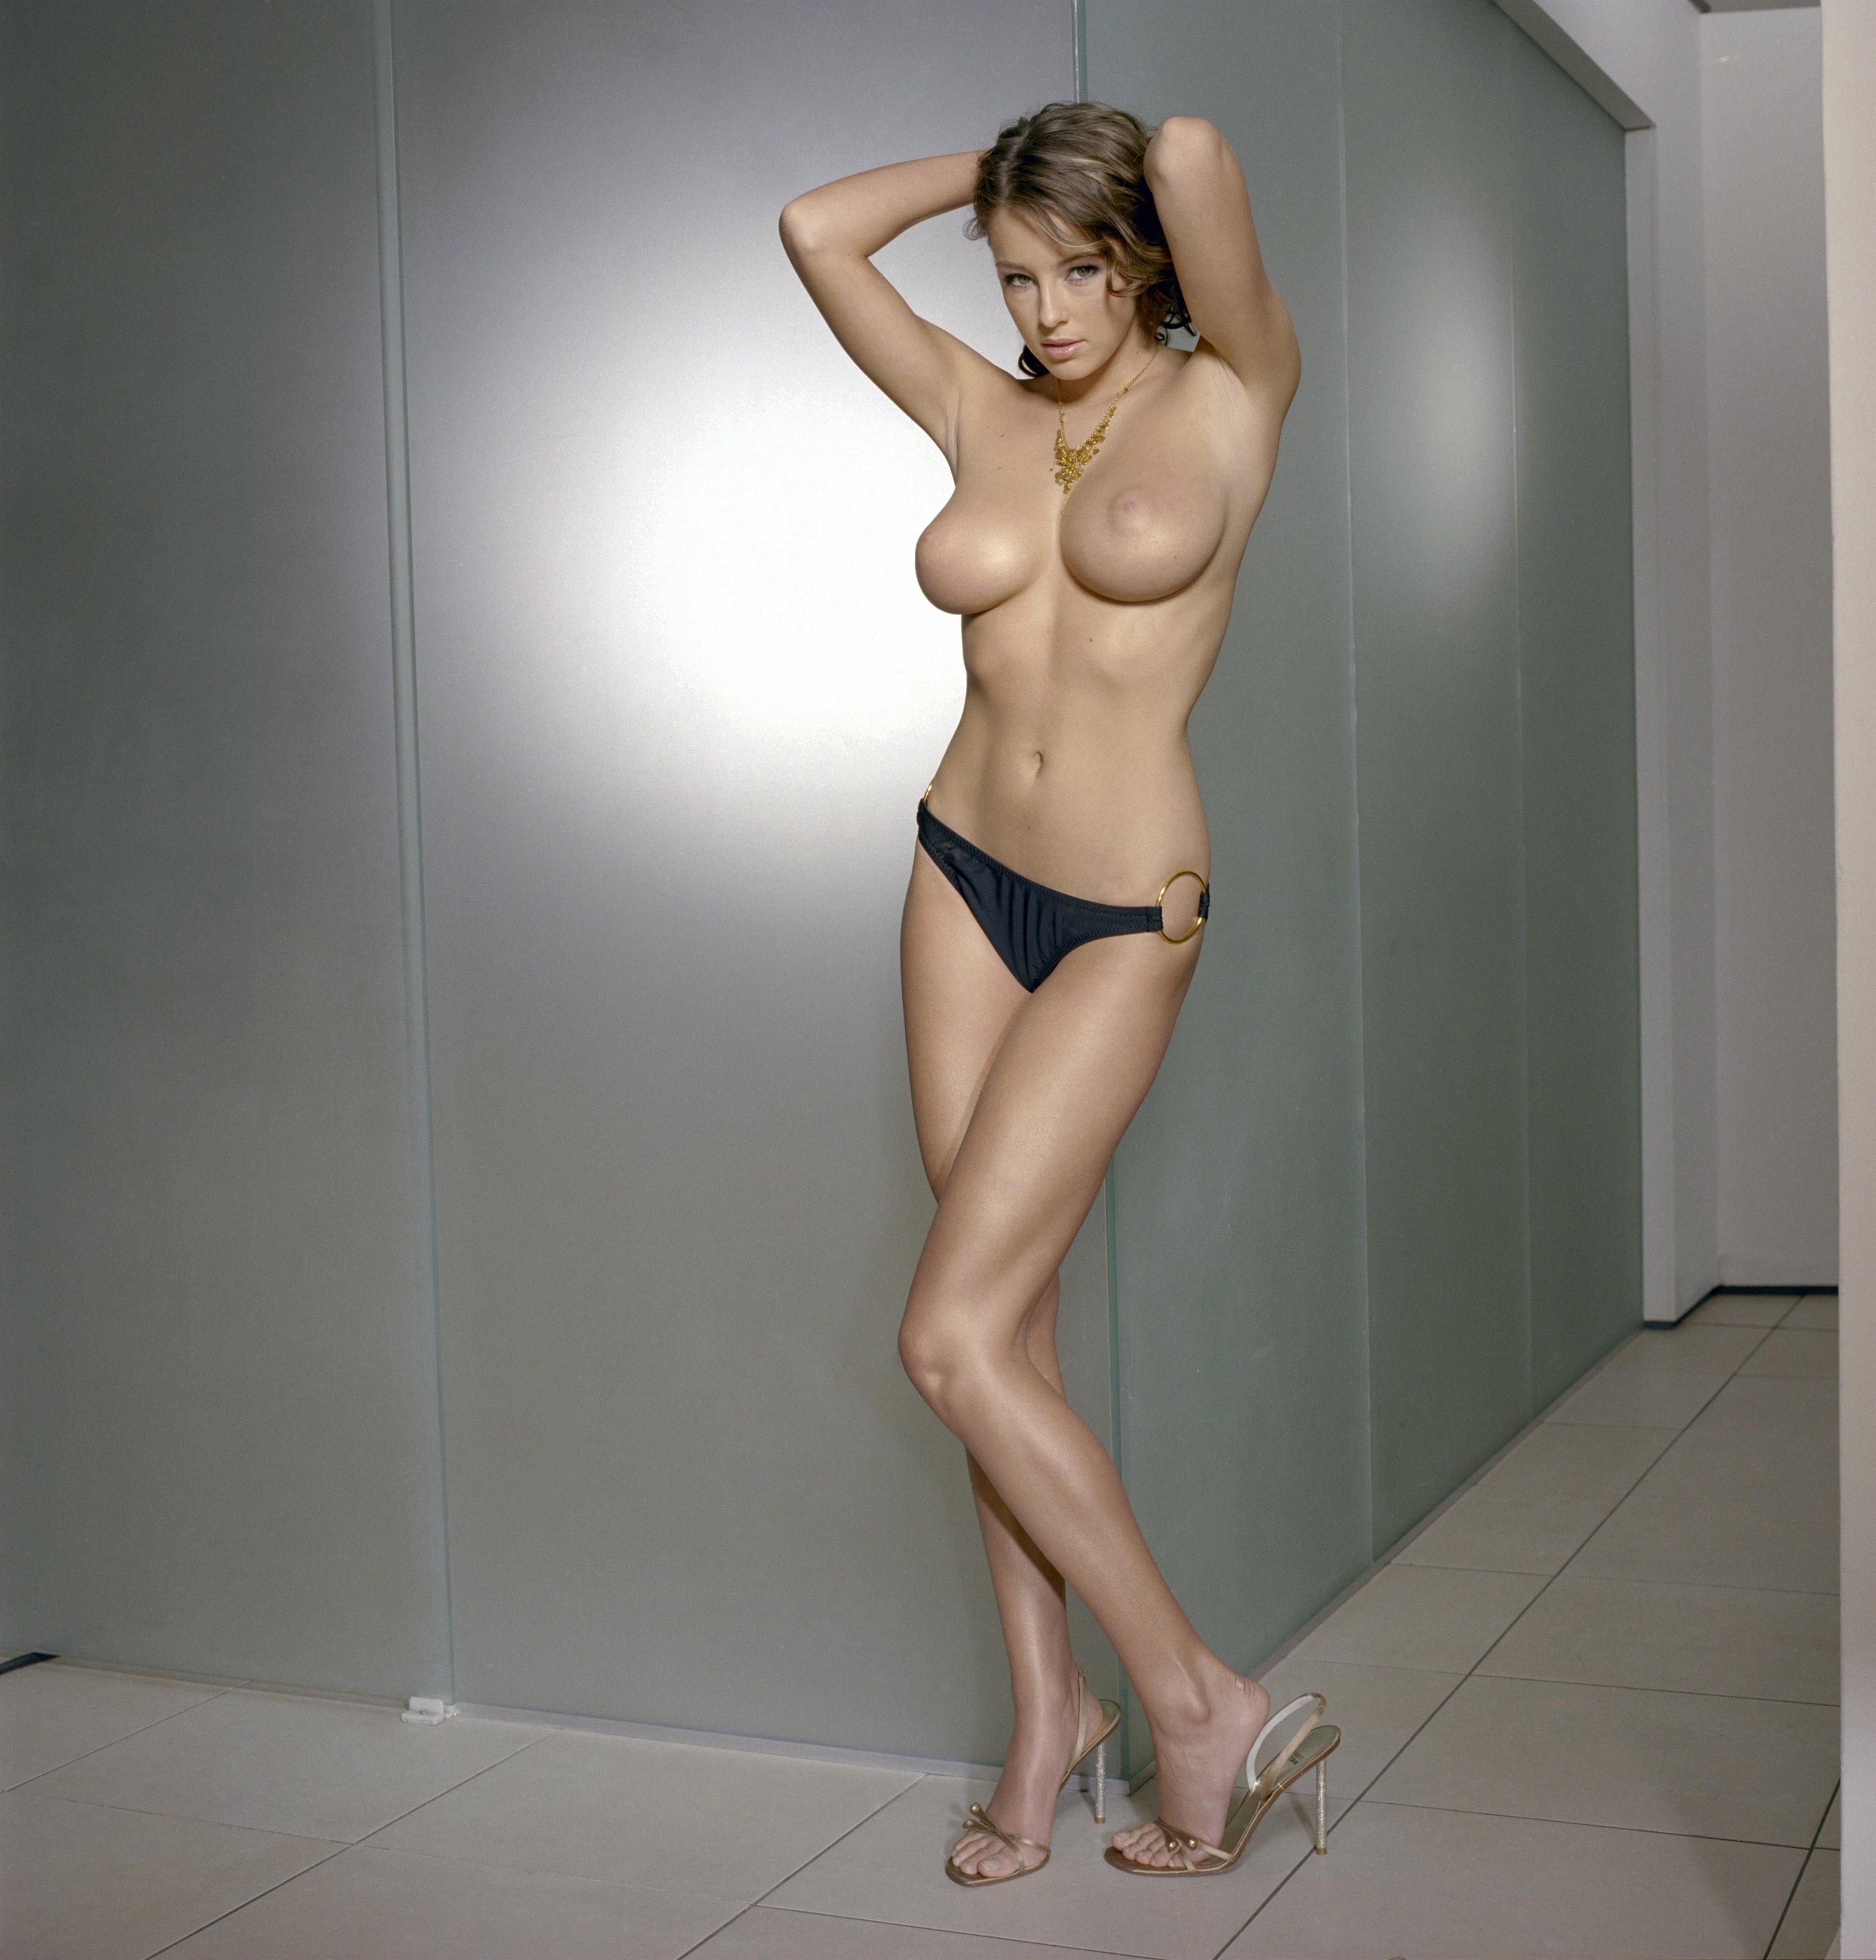 Keely hazell nude pics, free black slut and porno